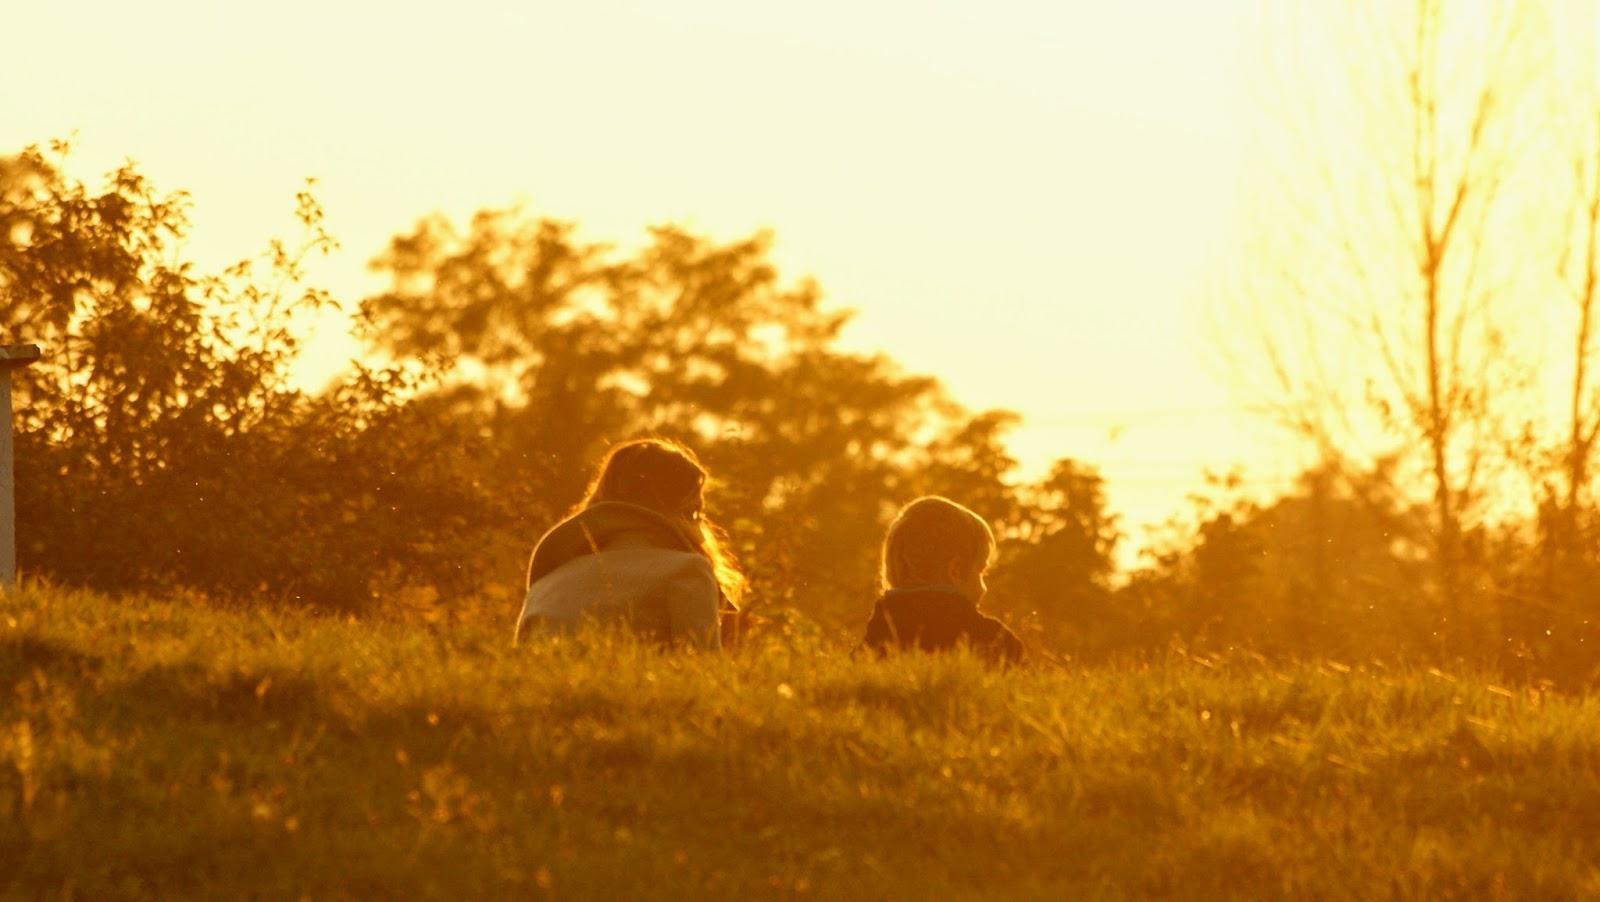 sunset children zachód słońca mimozami jesień się zaczyna